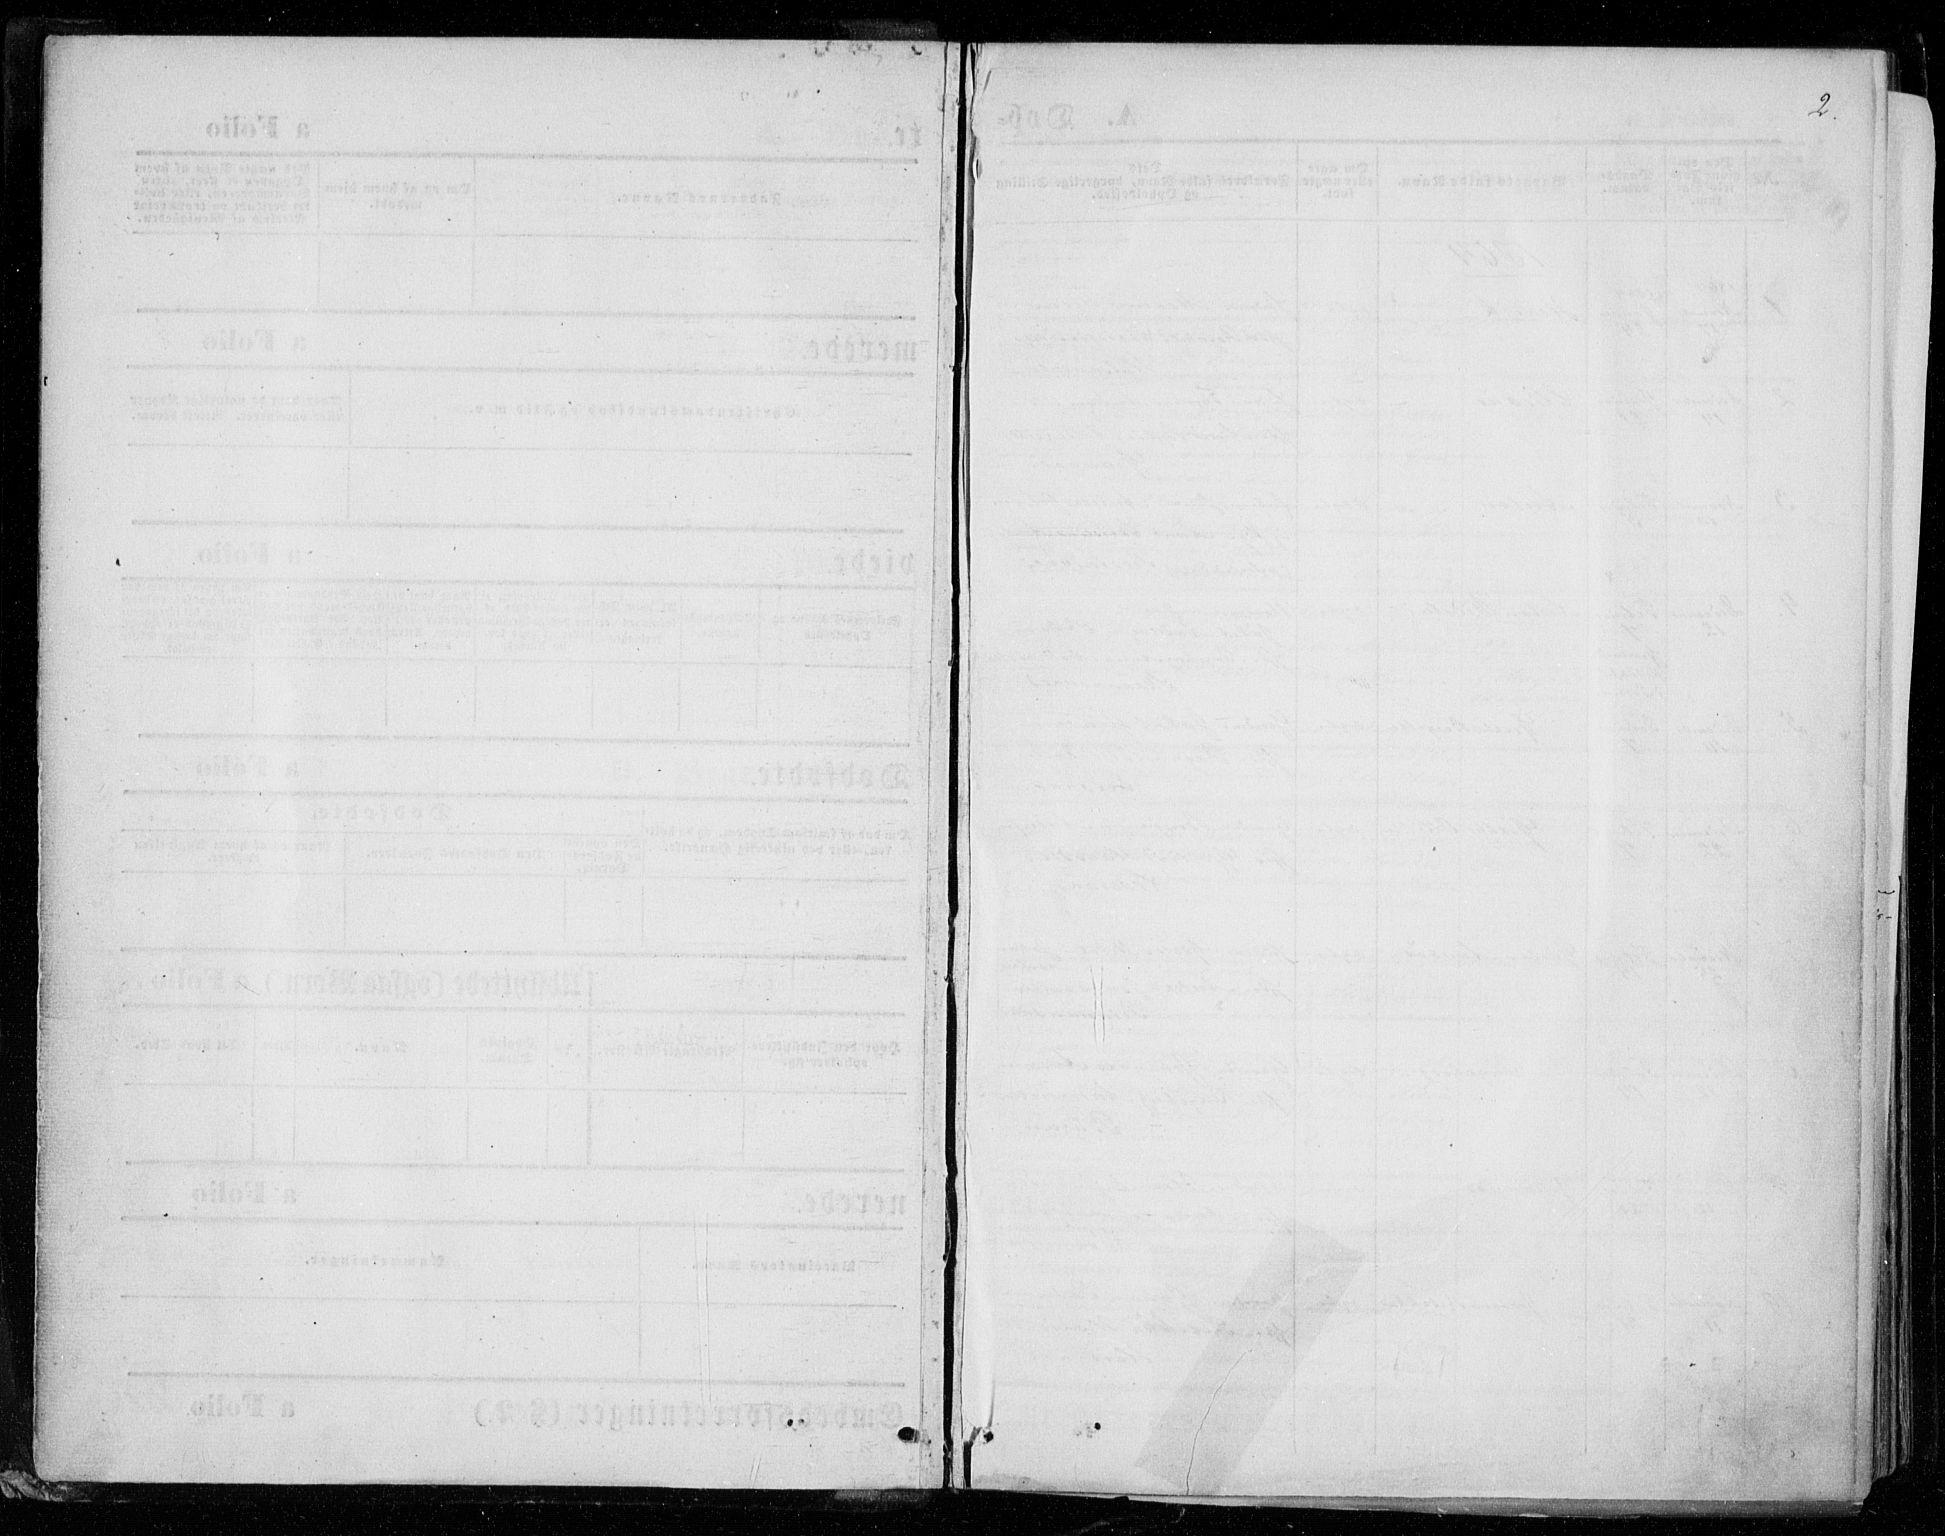 SAT, Ministerialprotokoller, klokkerbøker og fødselsregistre - Nord-Trøndelag, 721/L0206: Ministerialbok nr. 721A01, 1864-1874, s. 2